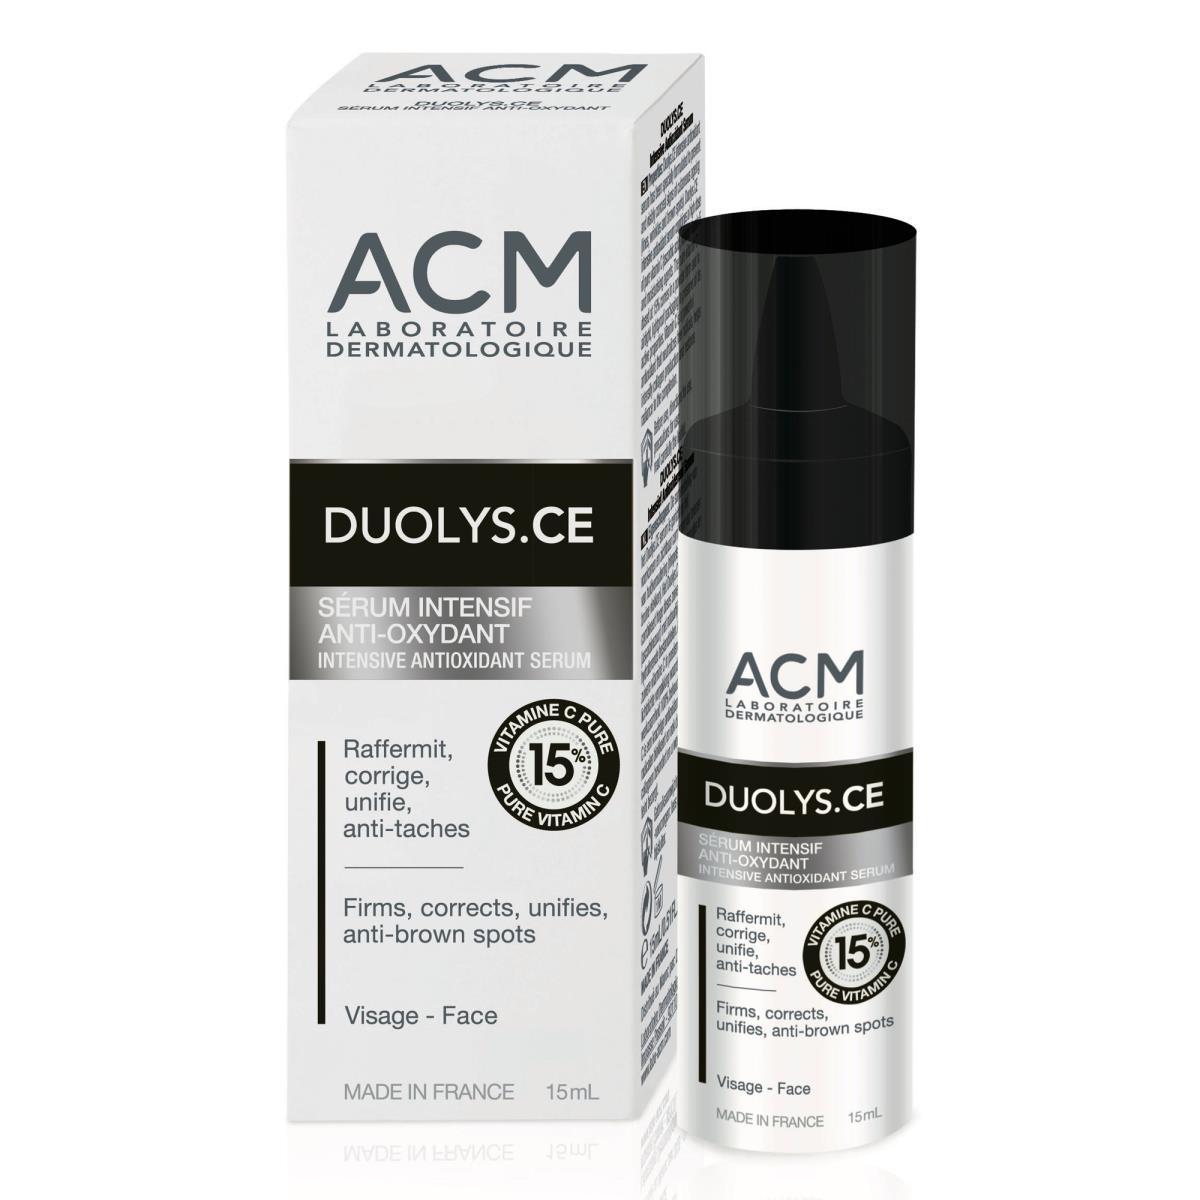 Duolys Ce Suero Intensivo Antioxidante 15Ml.